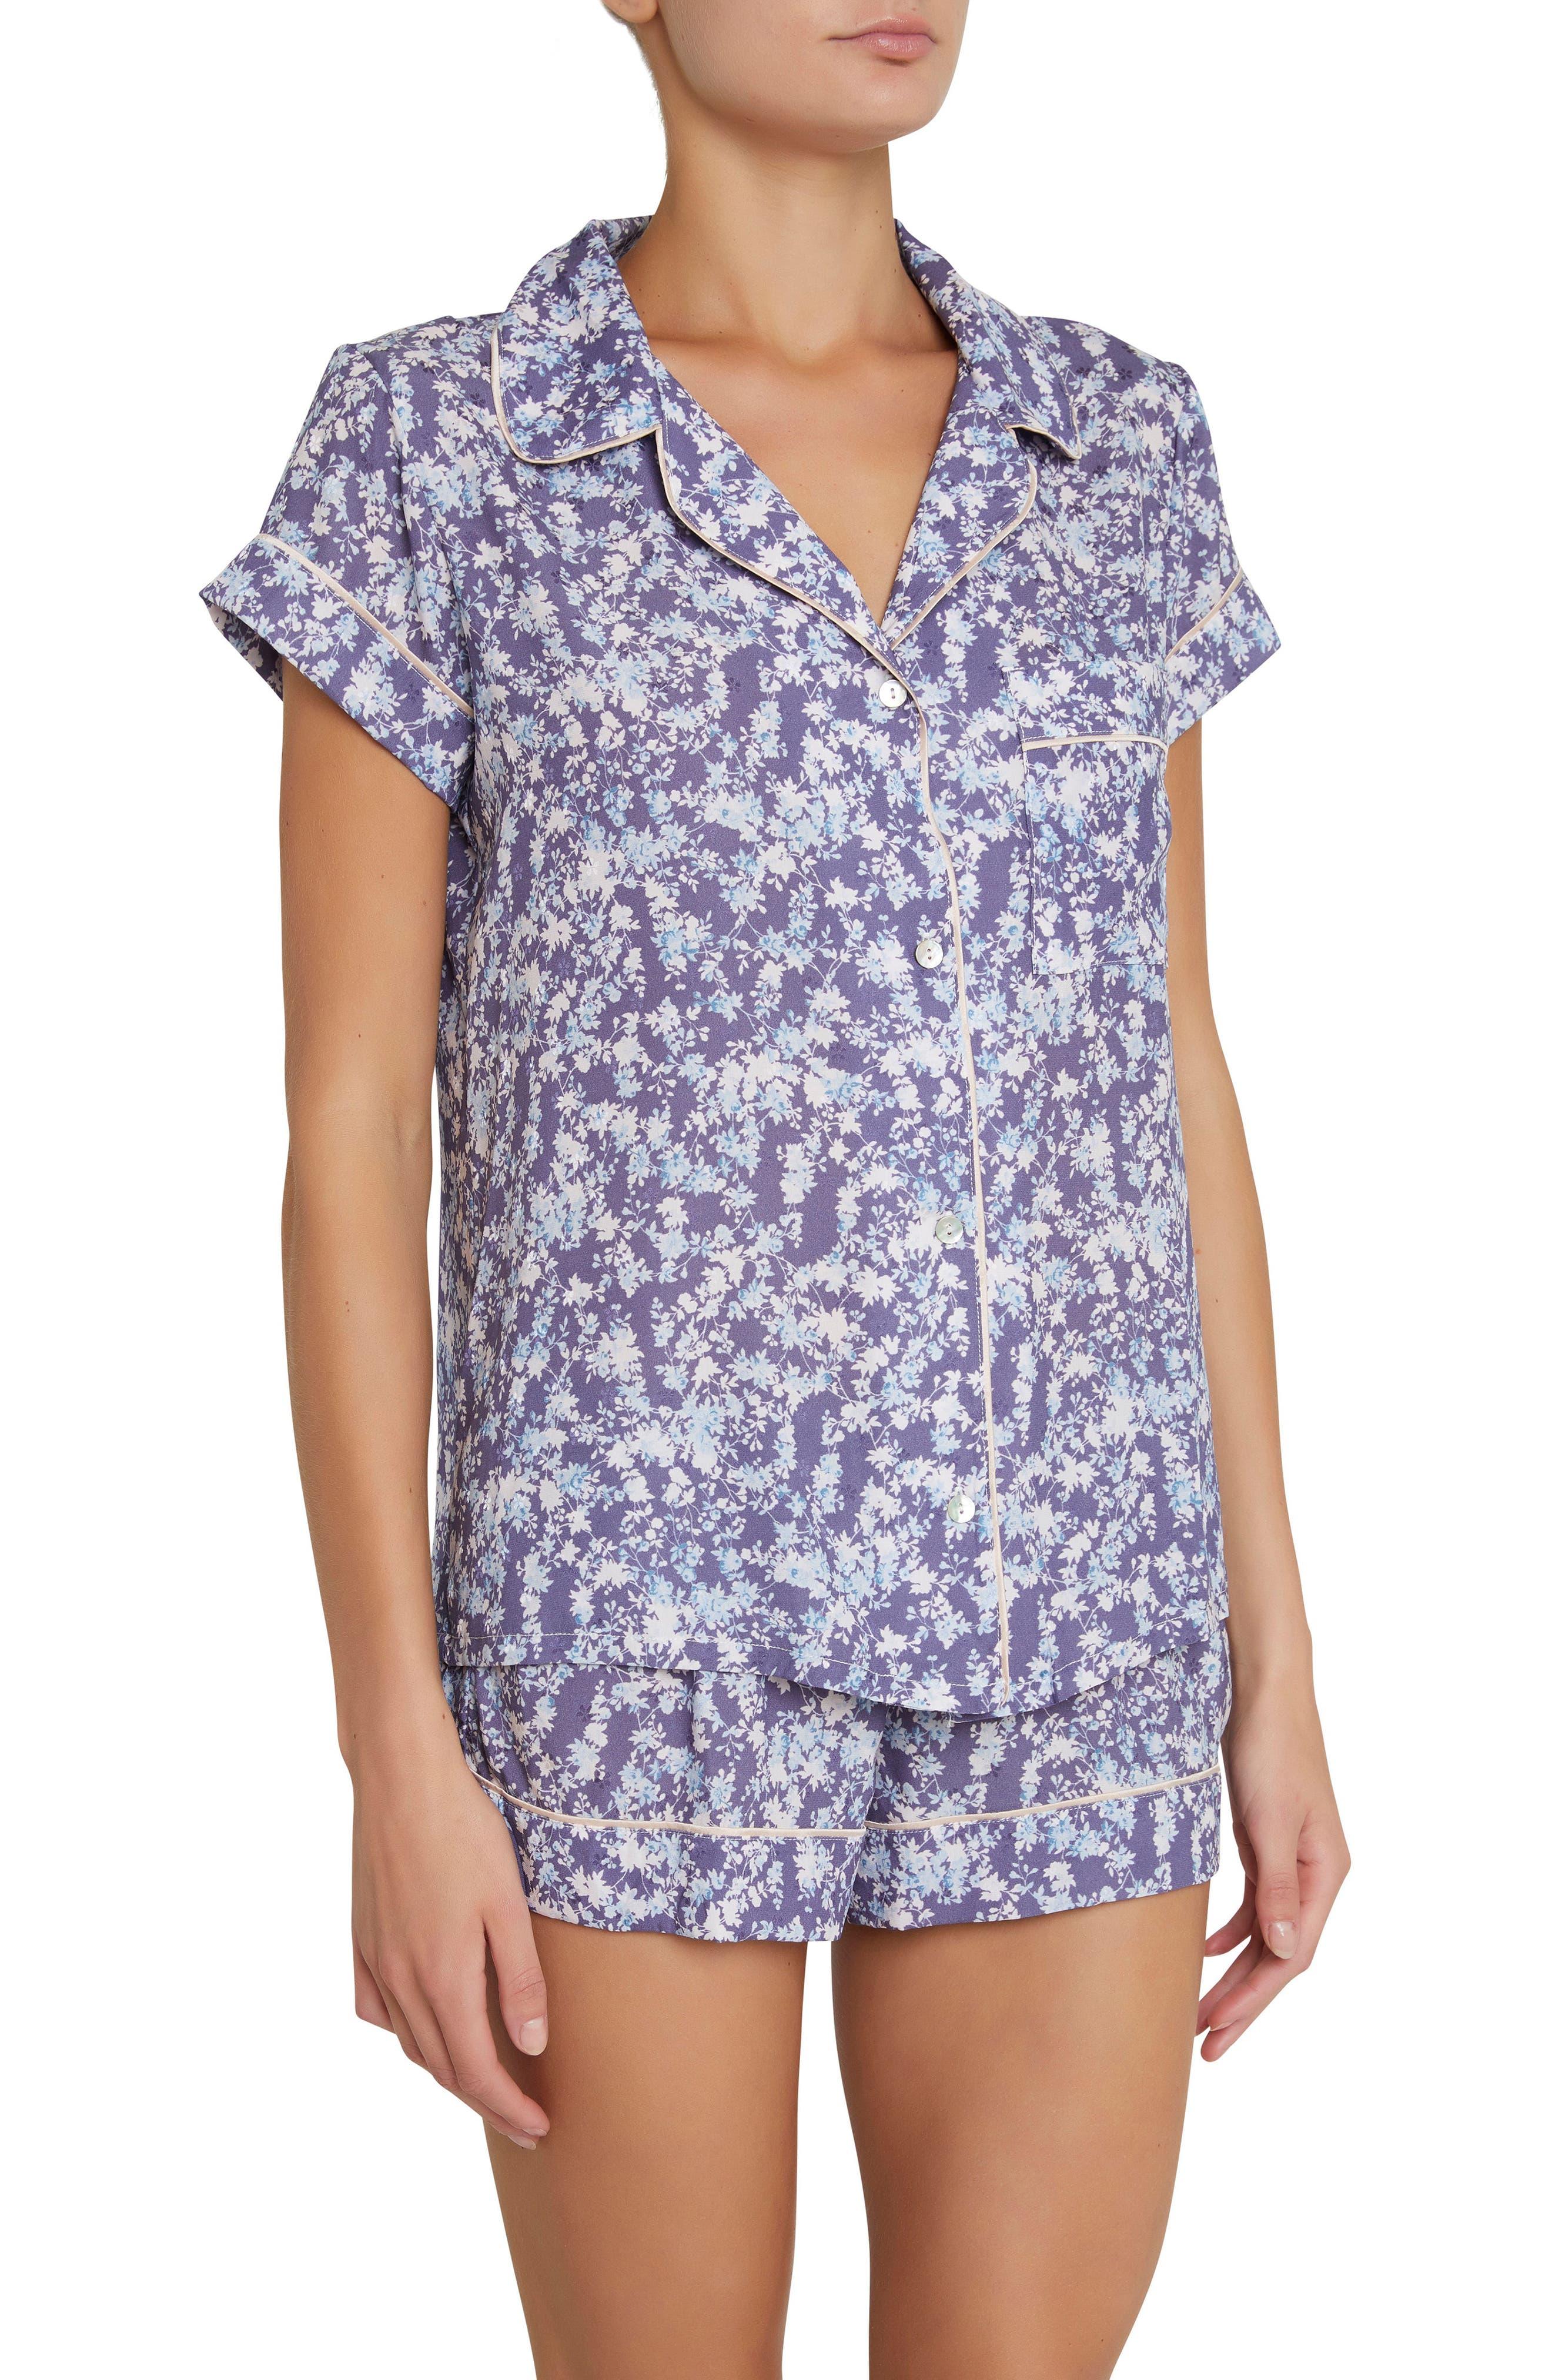 Lily Short Pajamas,                             Main thumbnail 1, color,                             Blue Floral Print